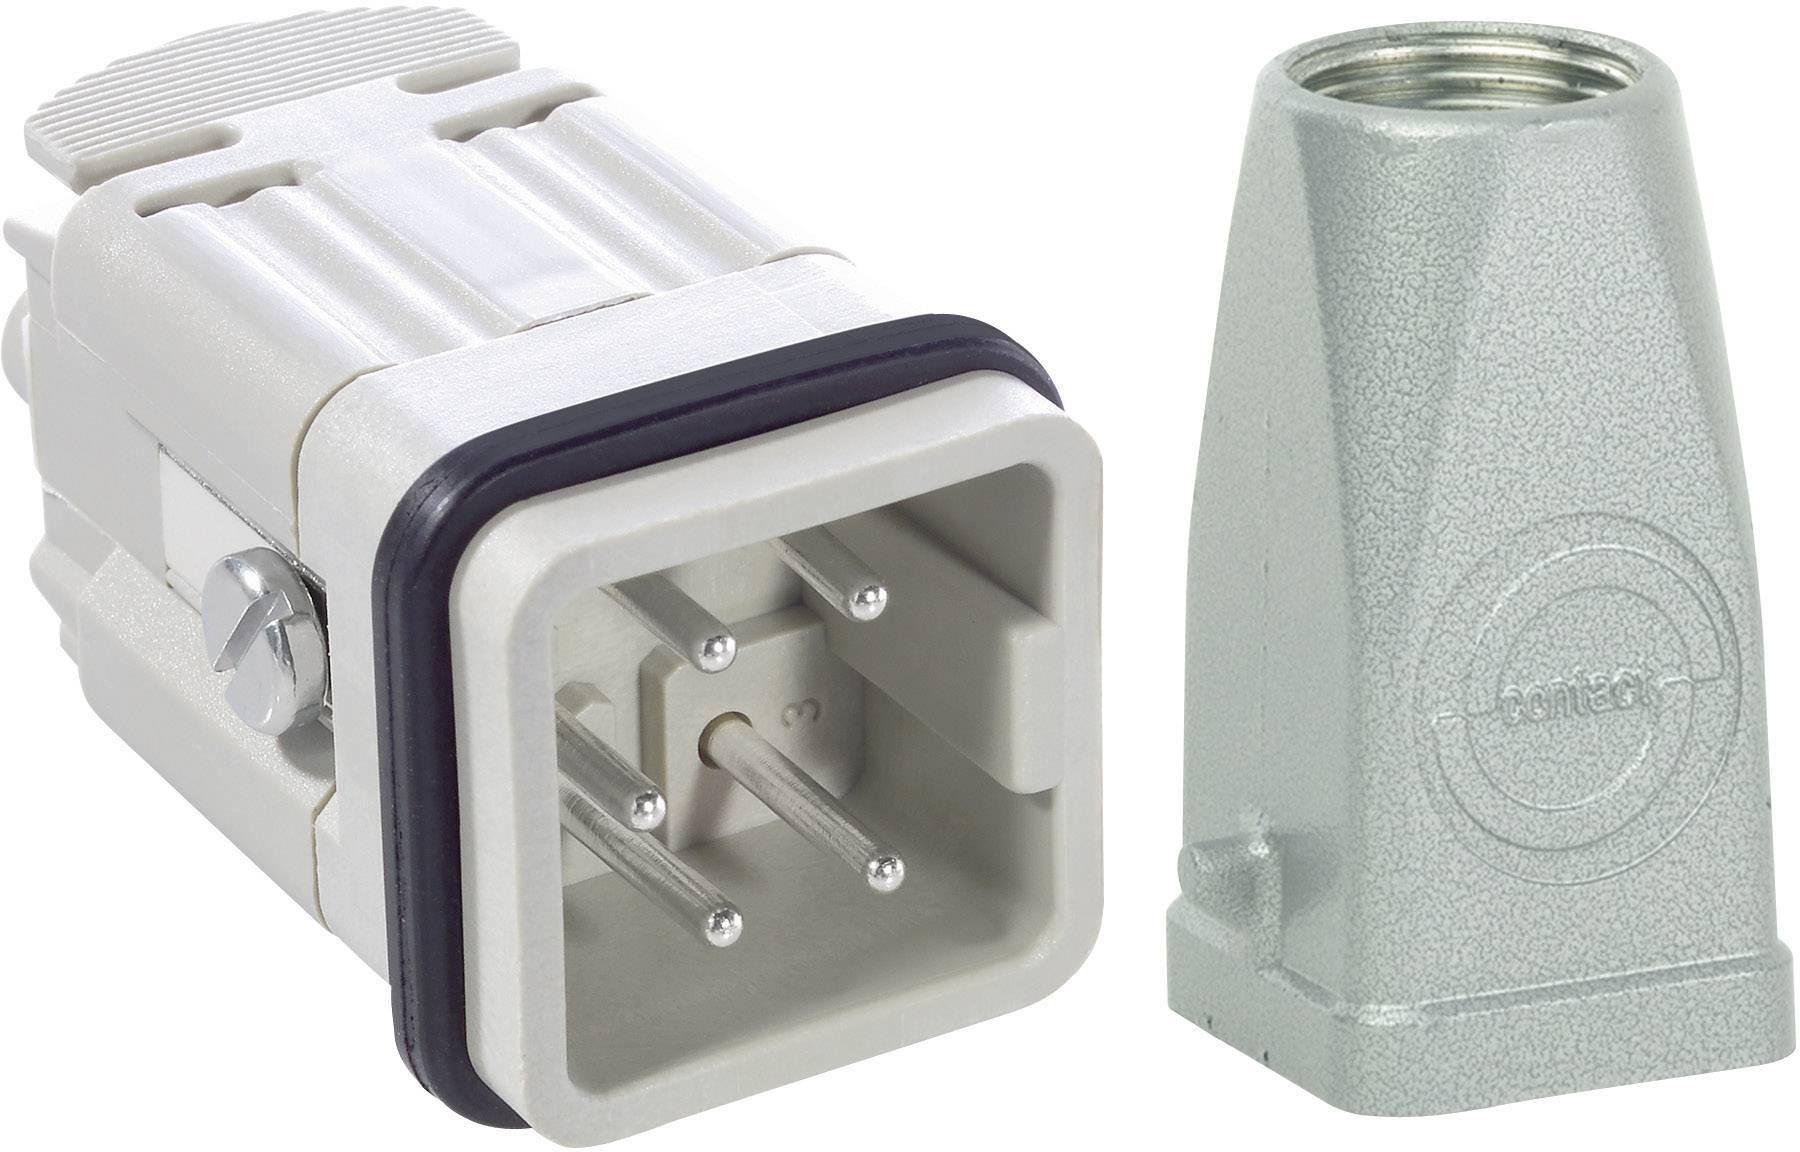 Sada konektorů EPIC®KIT H-A 4 75009614 LAPP 4 + PE šroubovací 1 sada